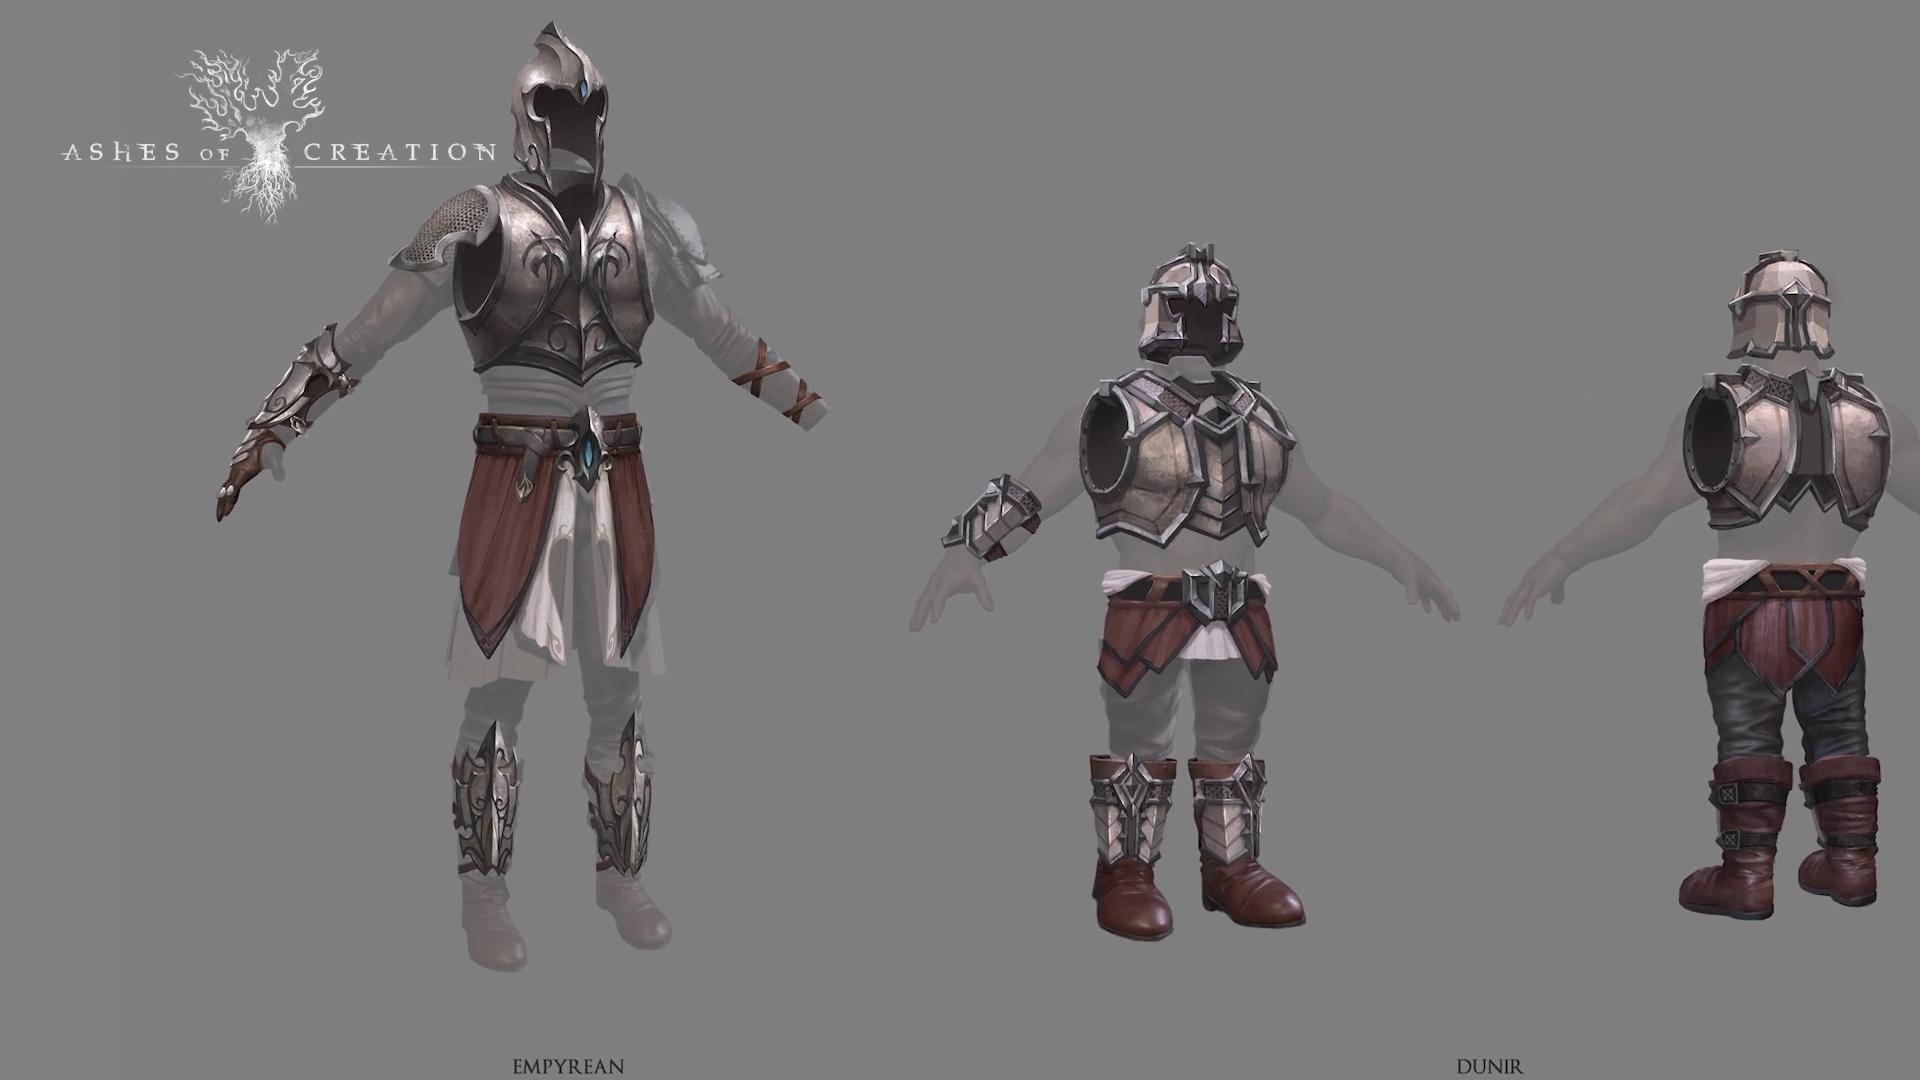 Arte conceptual de armaduras de estilo racial Dünir y Empyrean